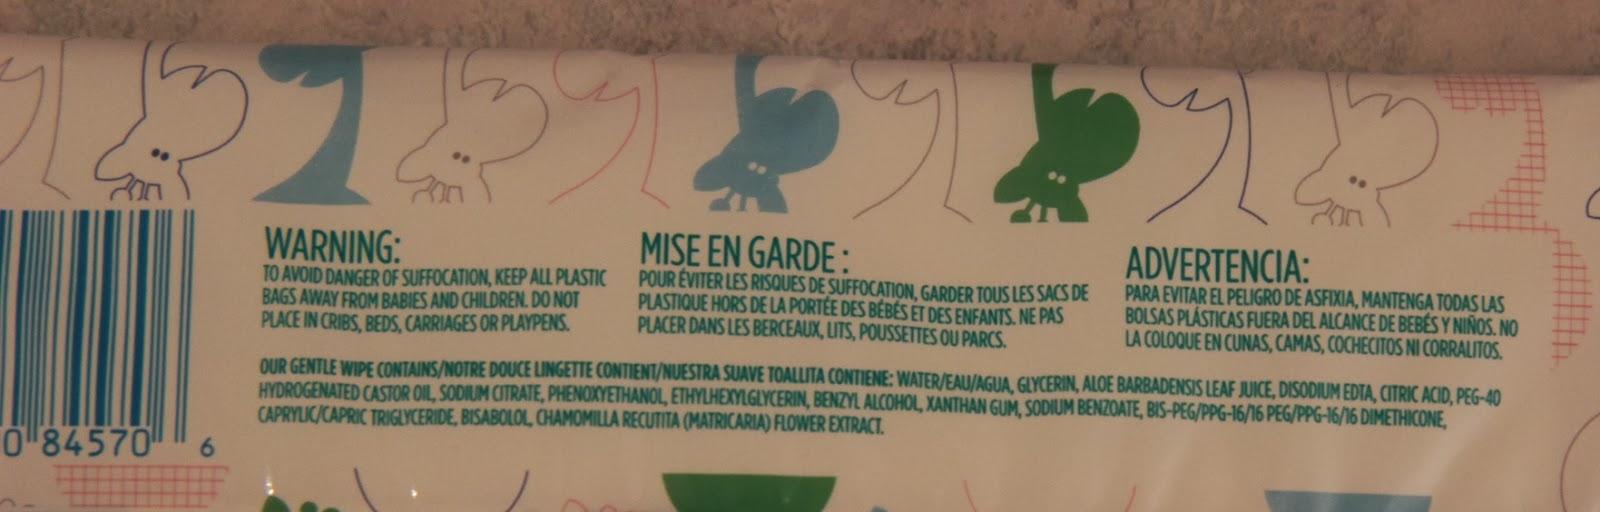 Pampers Sensitive Baby Wipe Ingredients